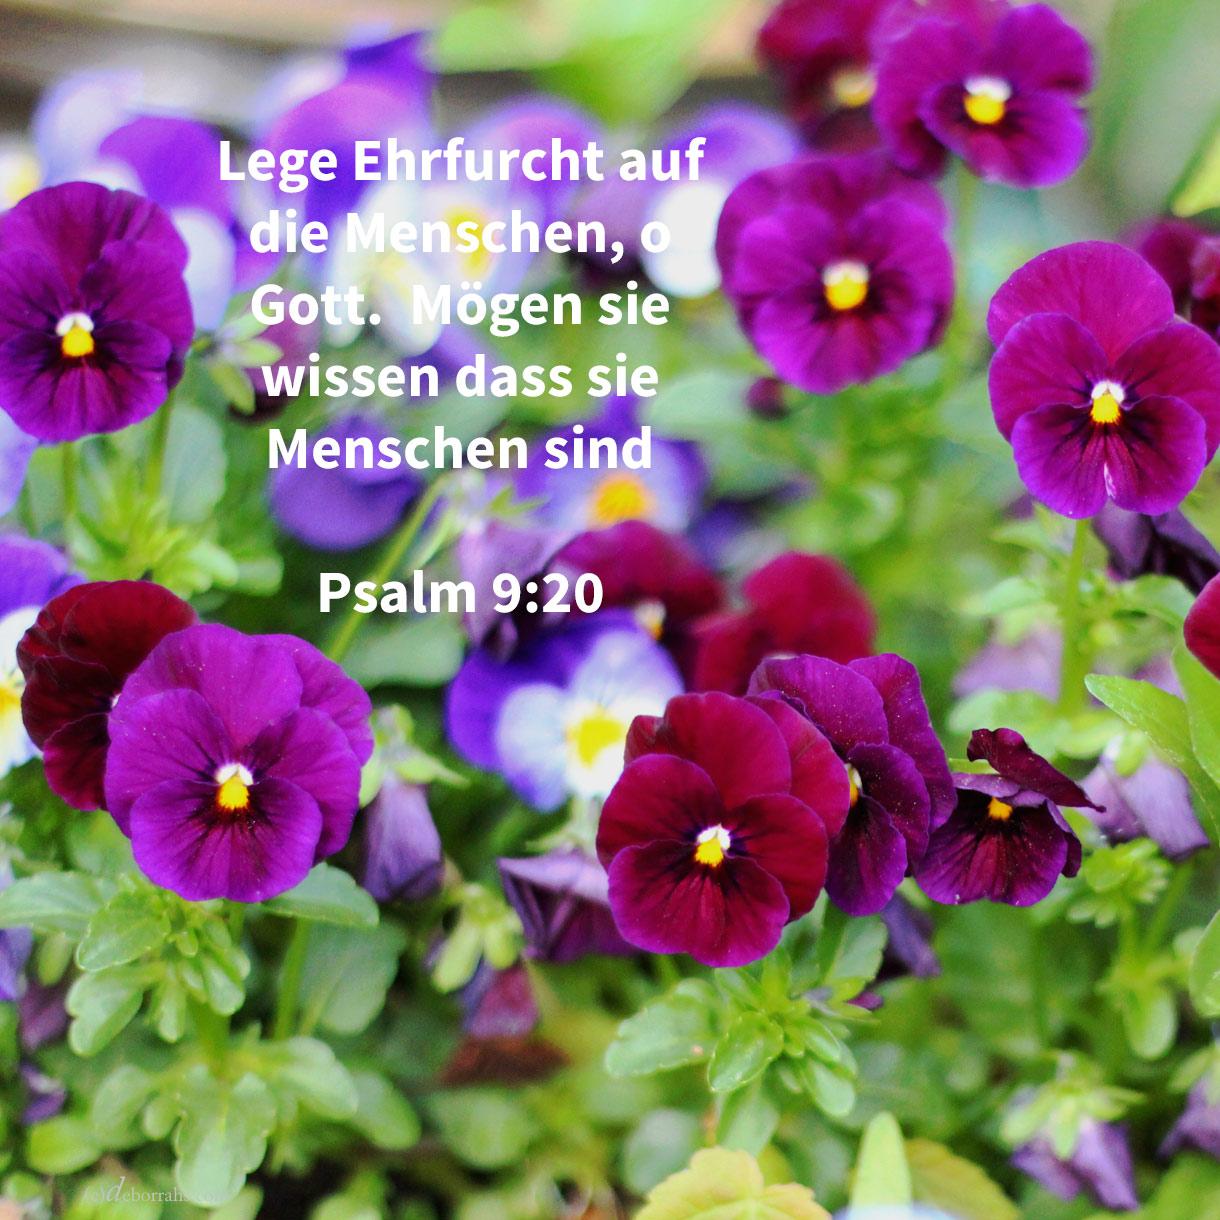 Lege Furcht auf die Menschen, Jehova; mögen die Nationen wissen, dass sie Menschen sind ( Psalm  9,20 )